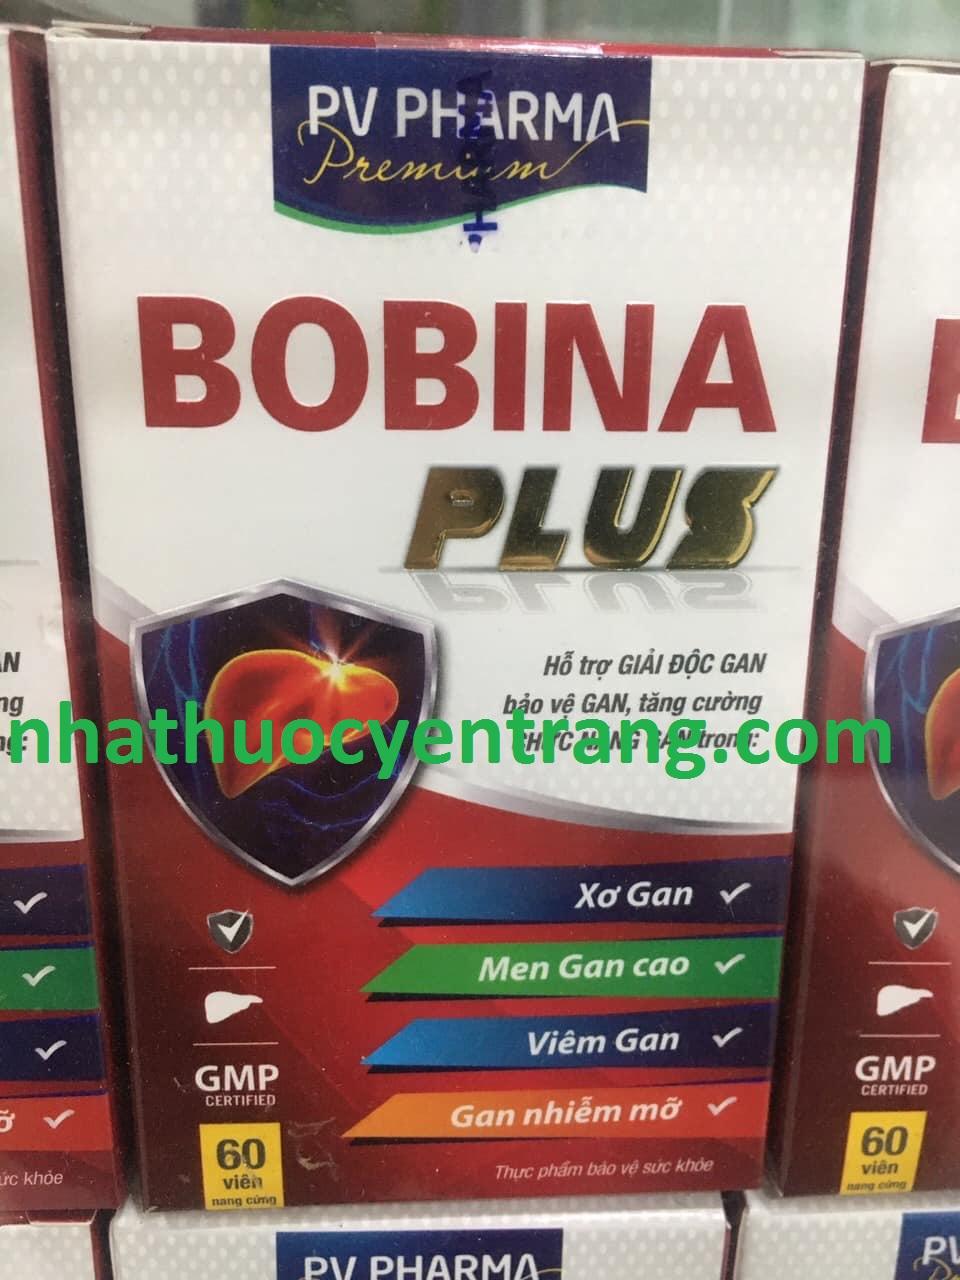 Bobina Plus